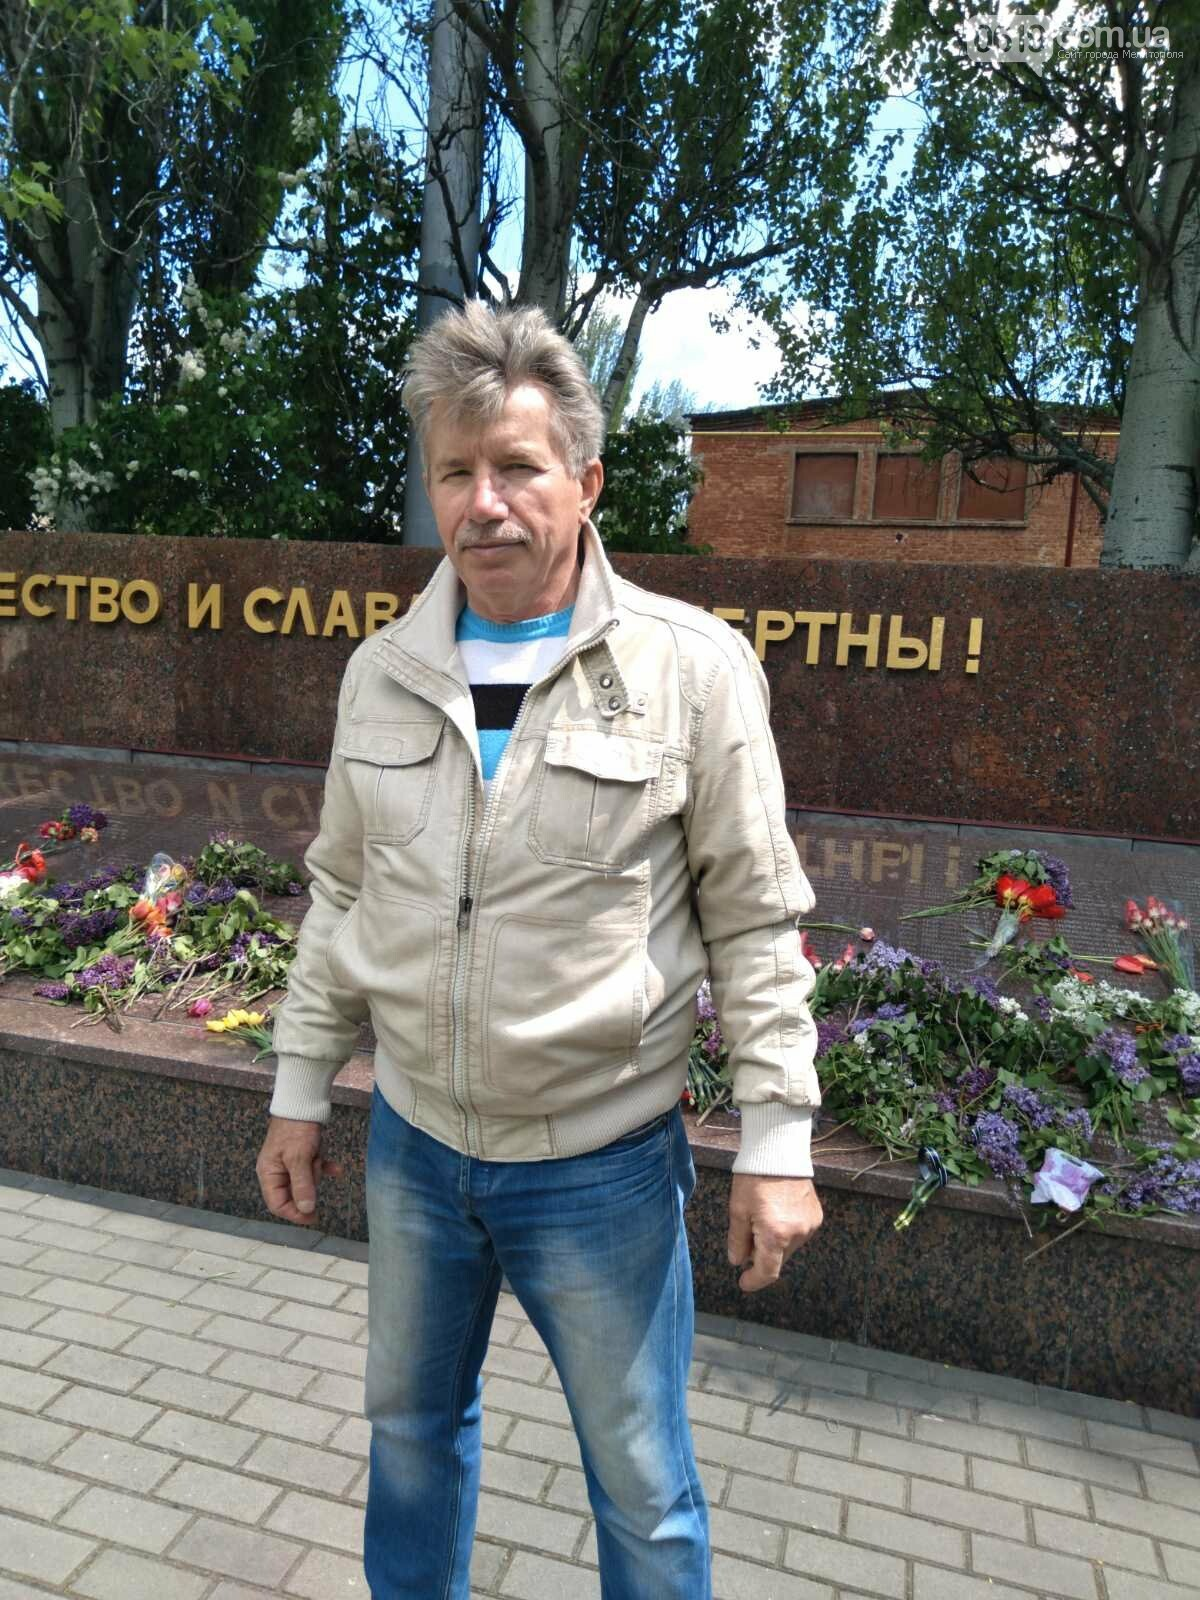 Николай Шокуров пришел почтить память всех, кто воевал за мирное небо